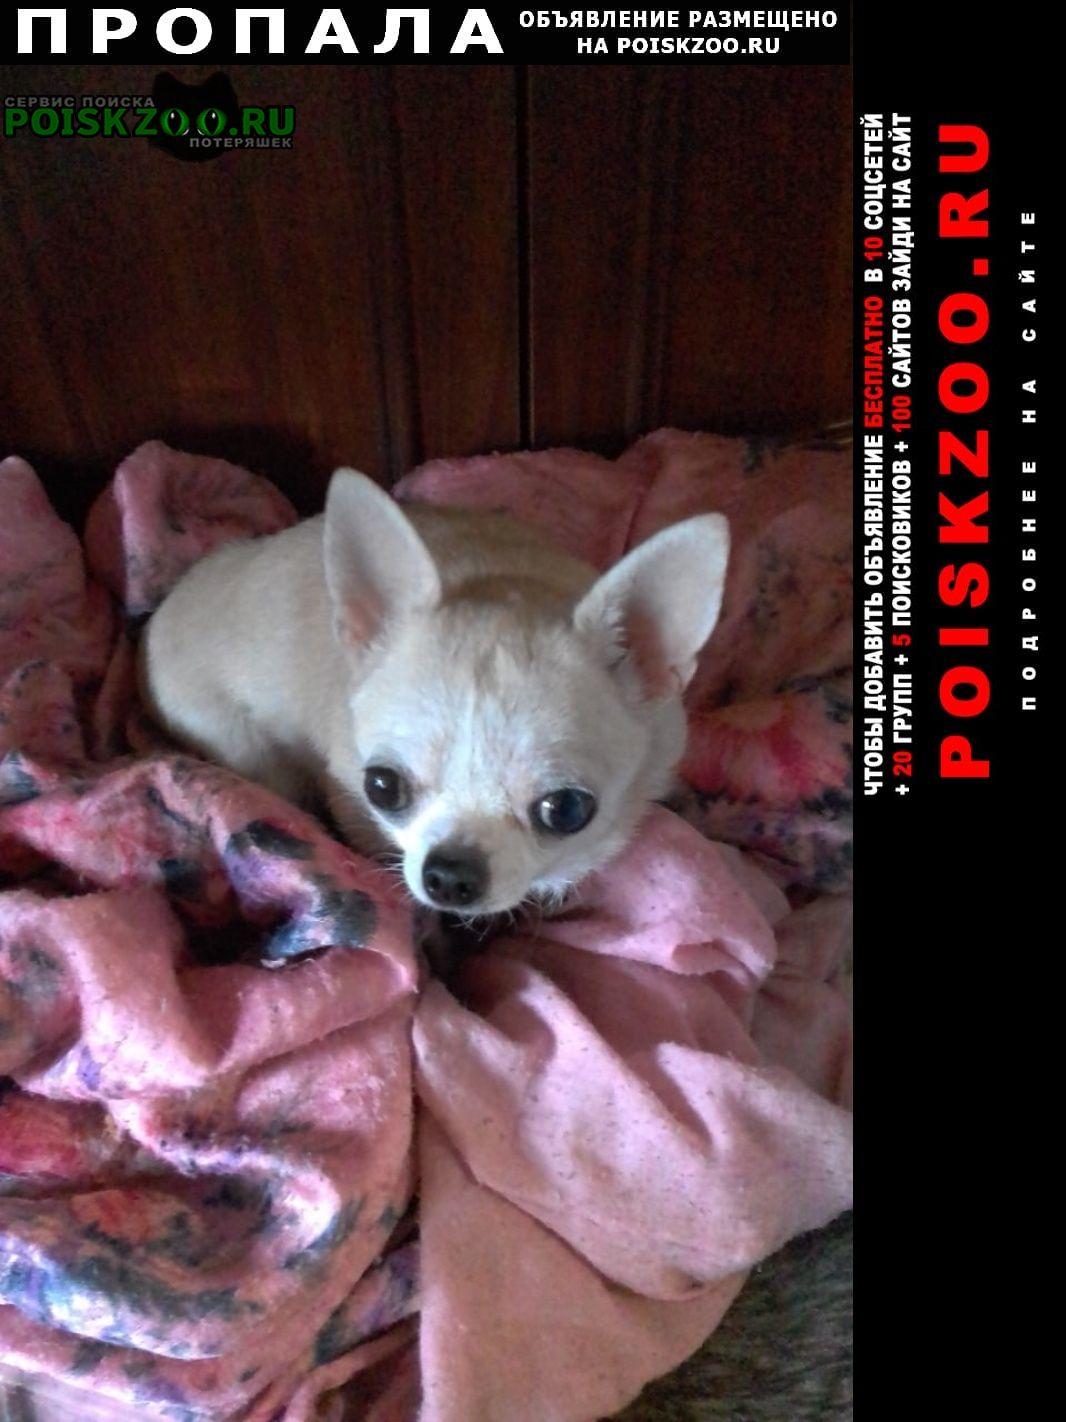 Пропала собака просьба кто видел или знает где находитс Мичуринск